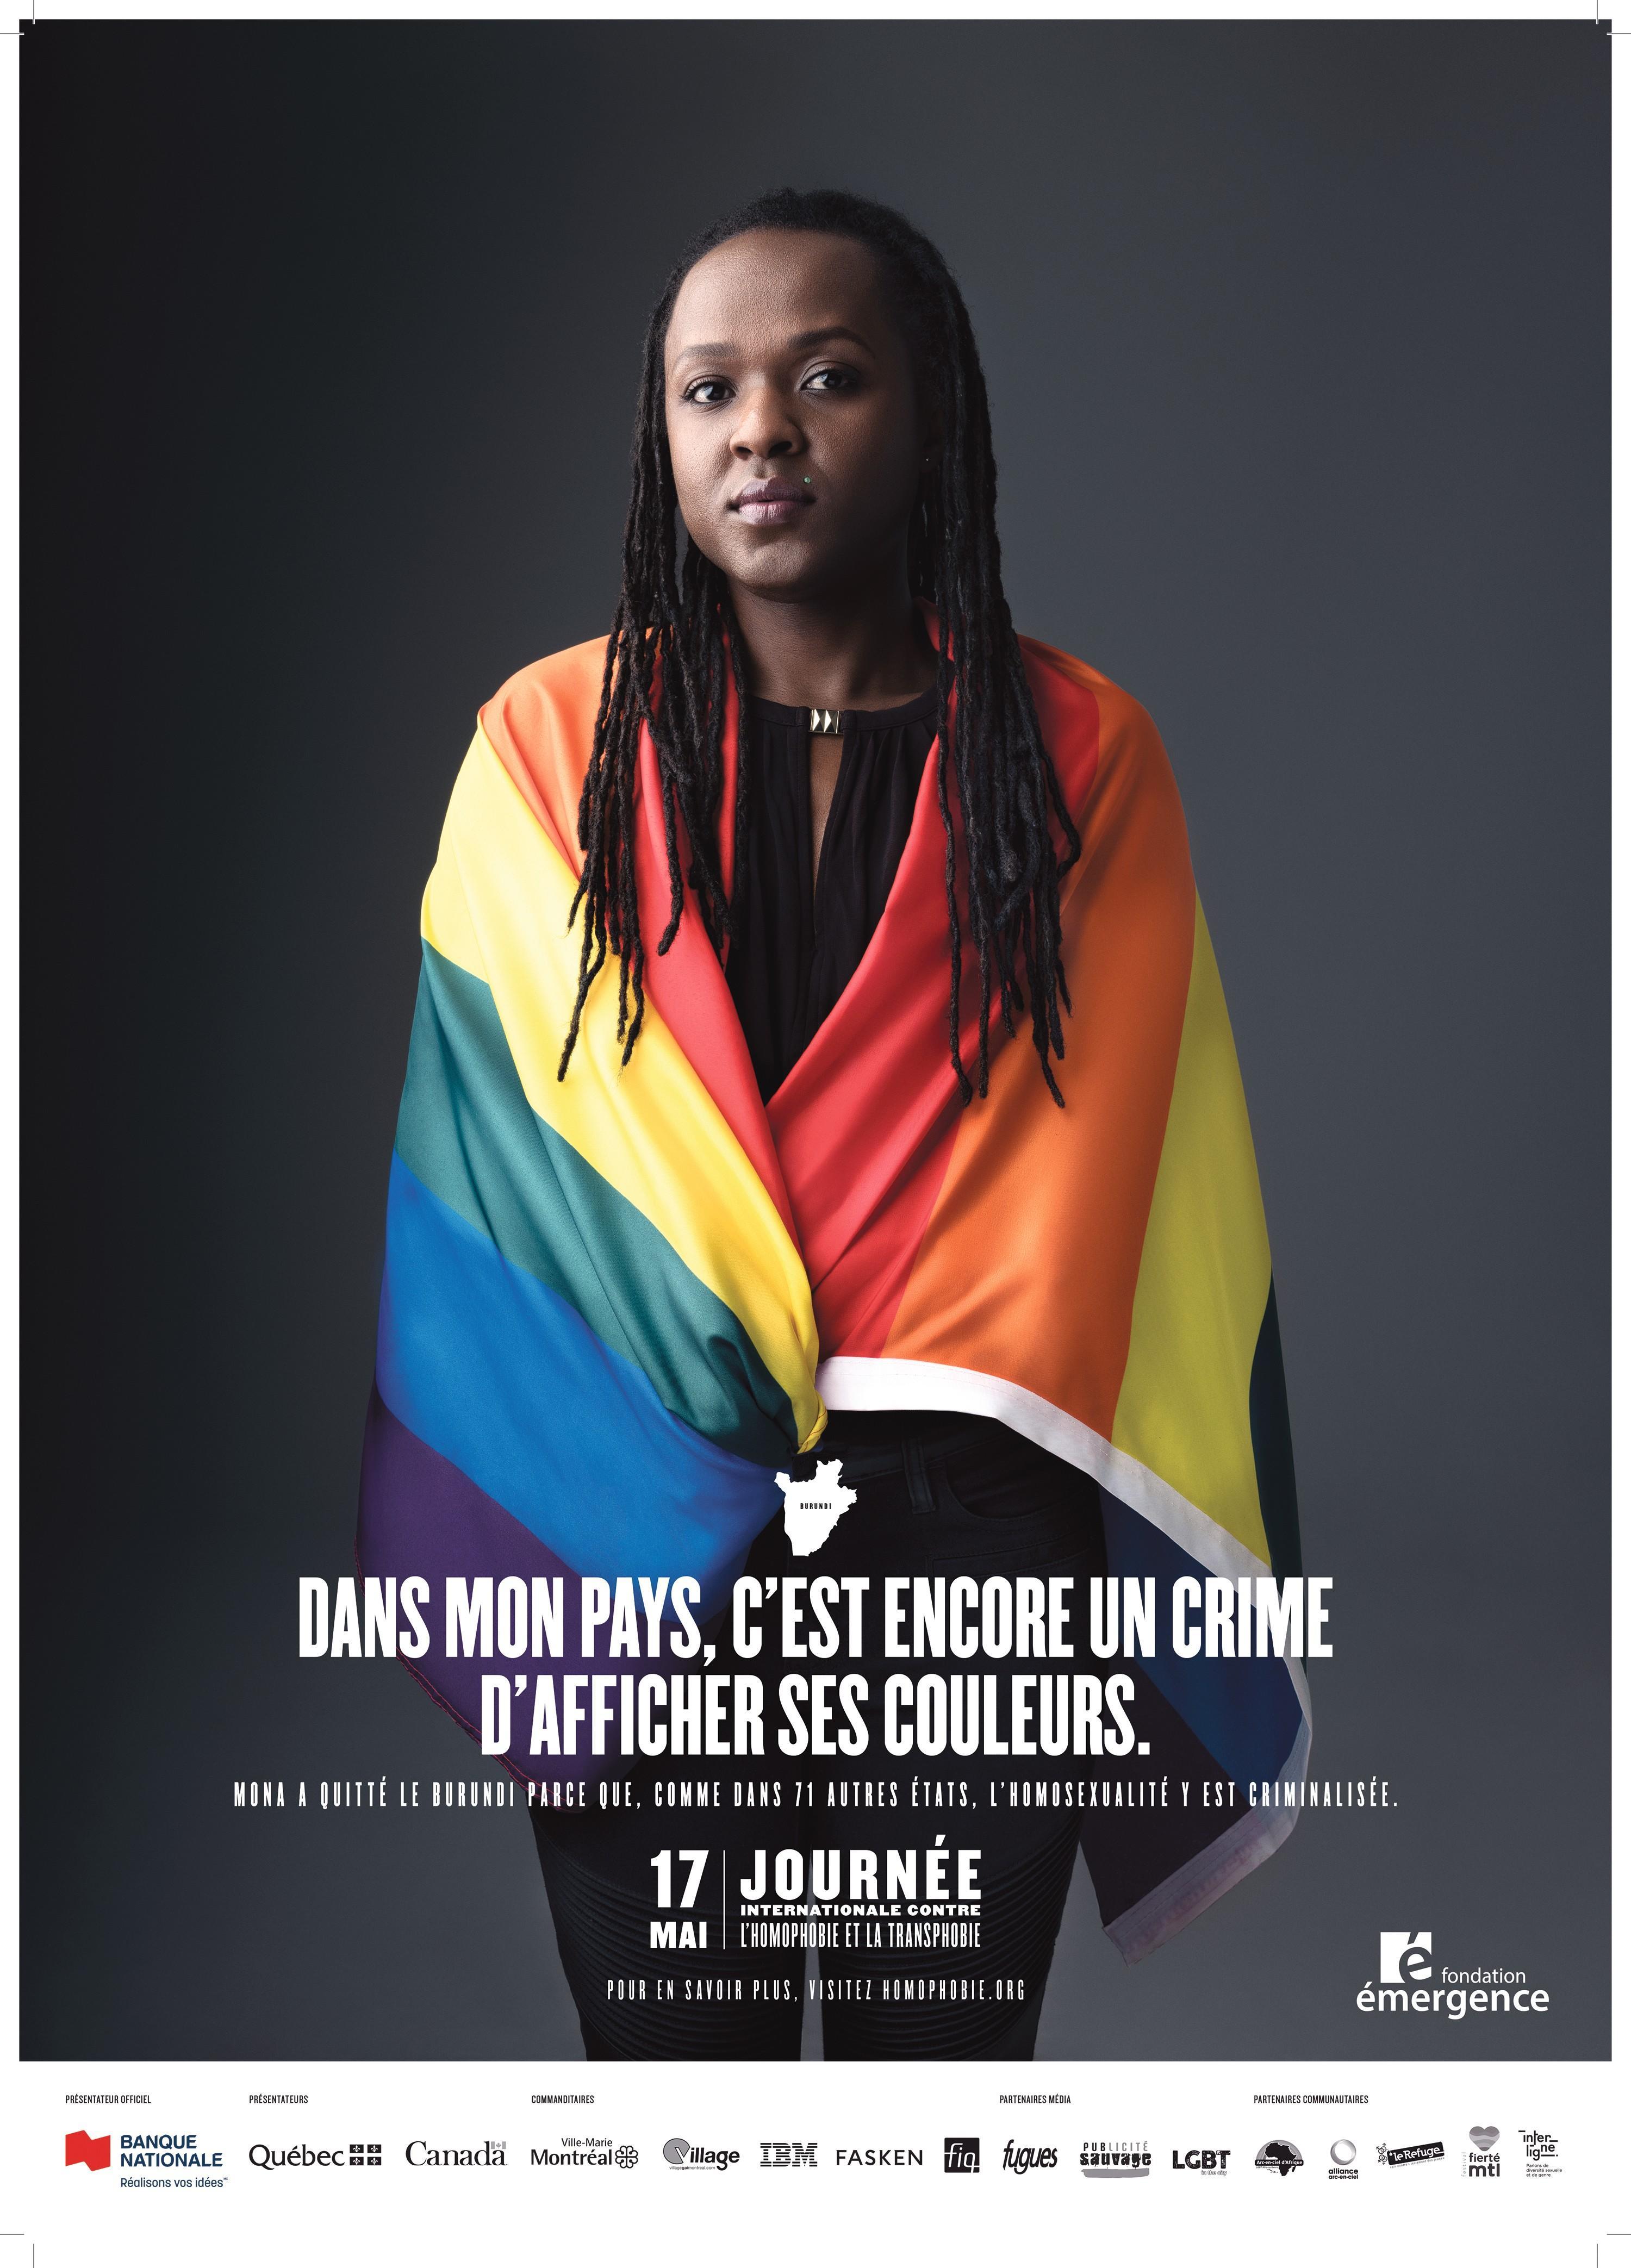 Affiche de la fondation Émergence, 2019.